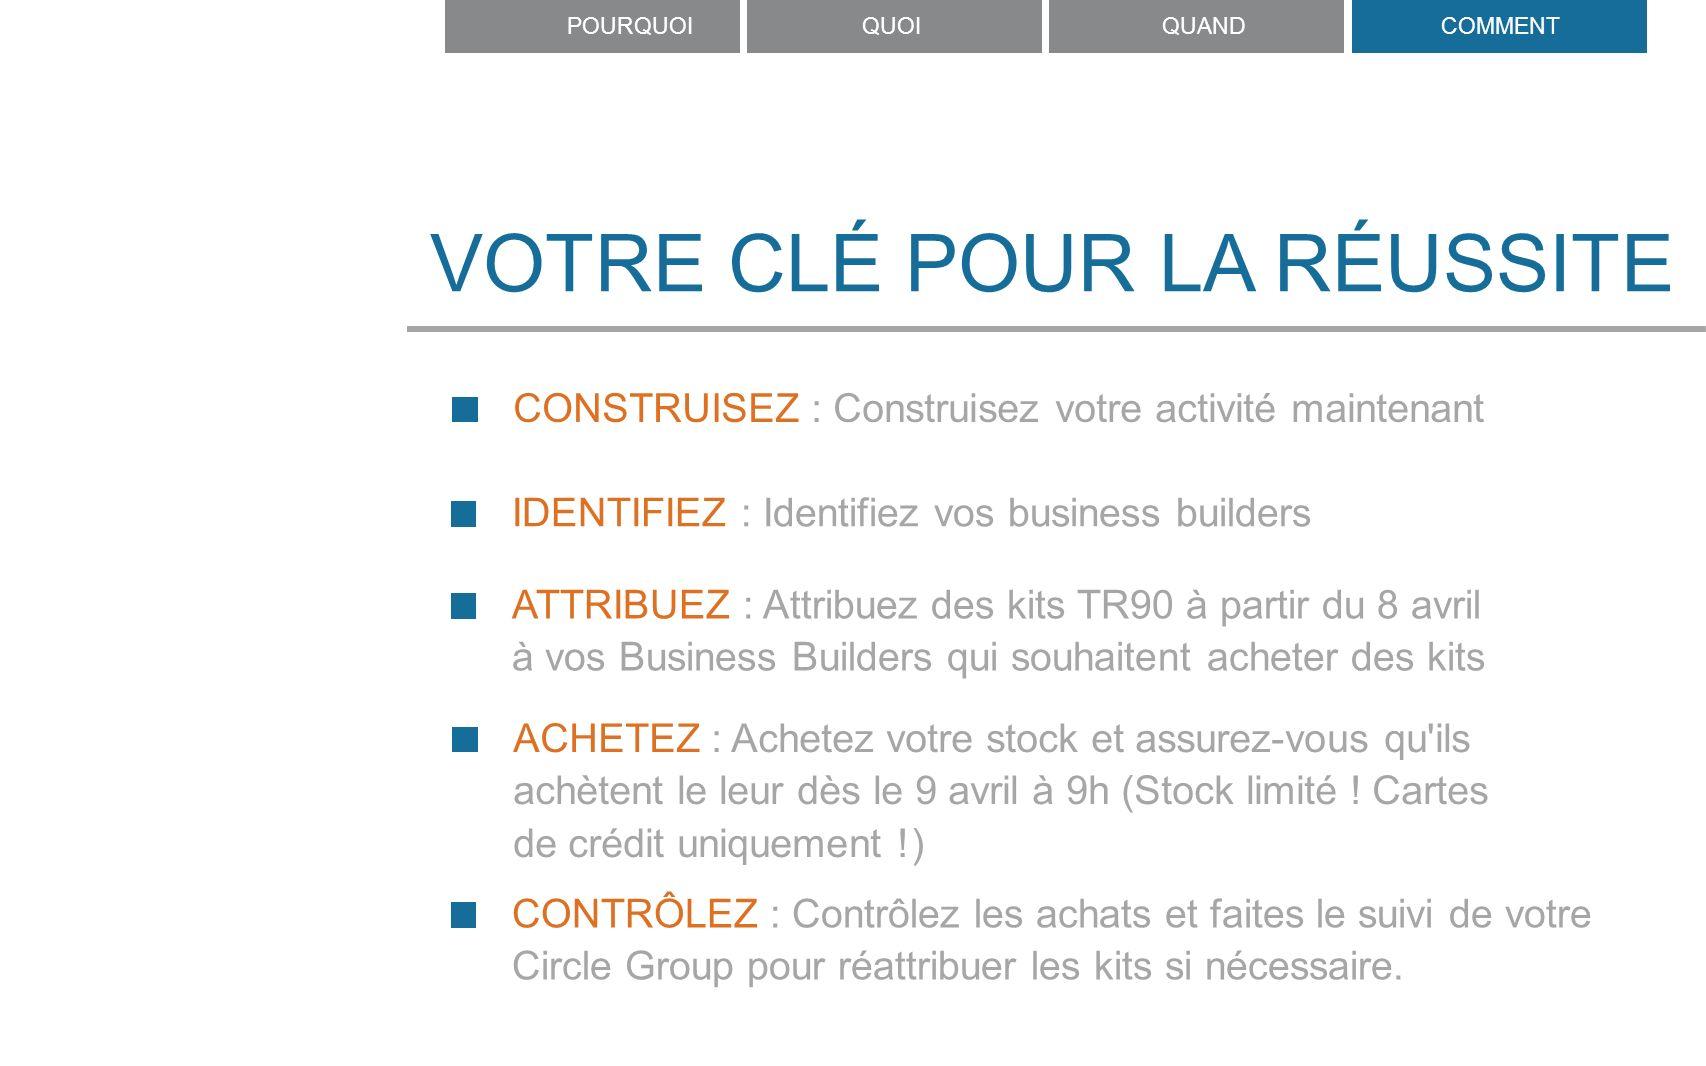 VOTRE CLÉ POUR LA RÉUSSITE CONSTRUISEZ : Construisez votre activité maintenant IDENTIFIEZ : Identifiez vos business builders ATTRIBUEZ : Attribuez des kits TR90 à partir du 8 avril à vos Business Builders qui souhaitent acheter des kits ACHETEZ : Achetez votre stock et assurez-vous qu ils achètent le leur dès le 9 avril à 9h (Stock limité .